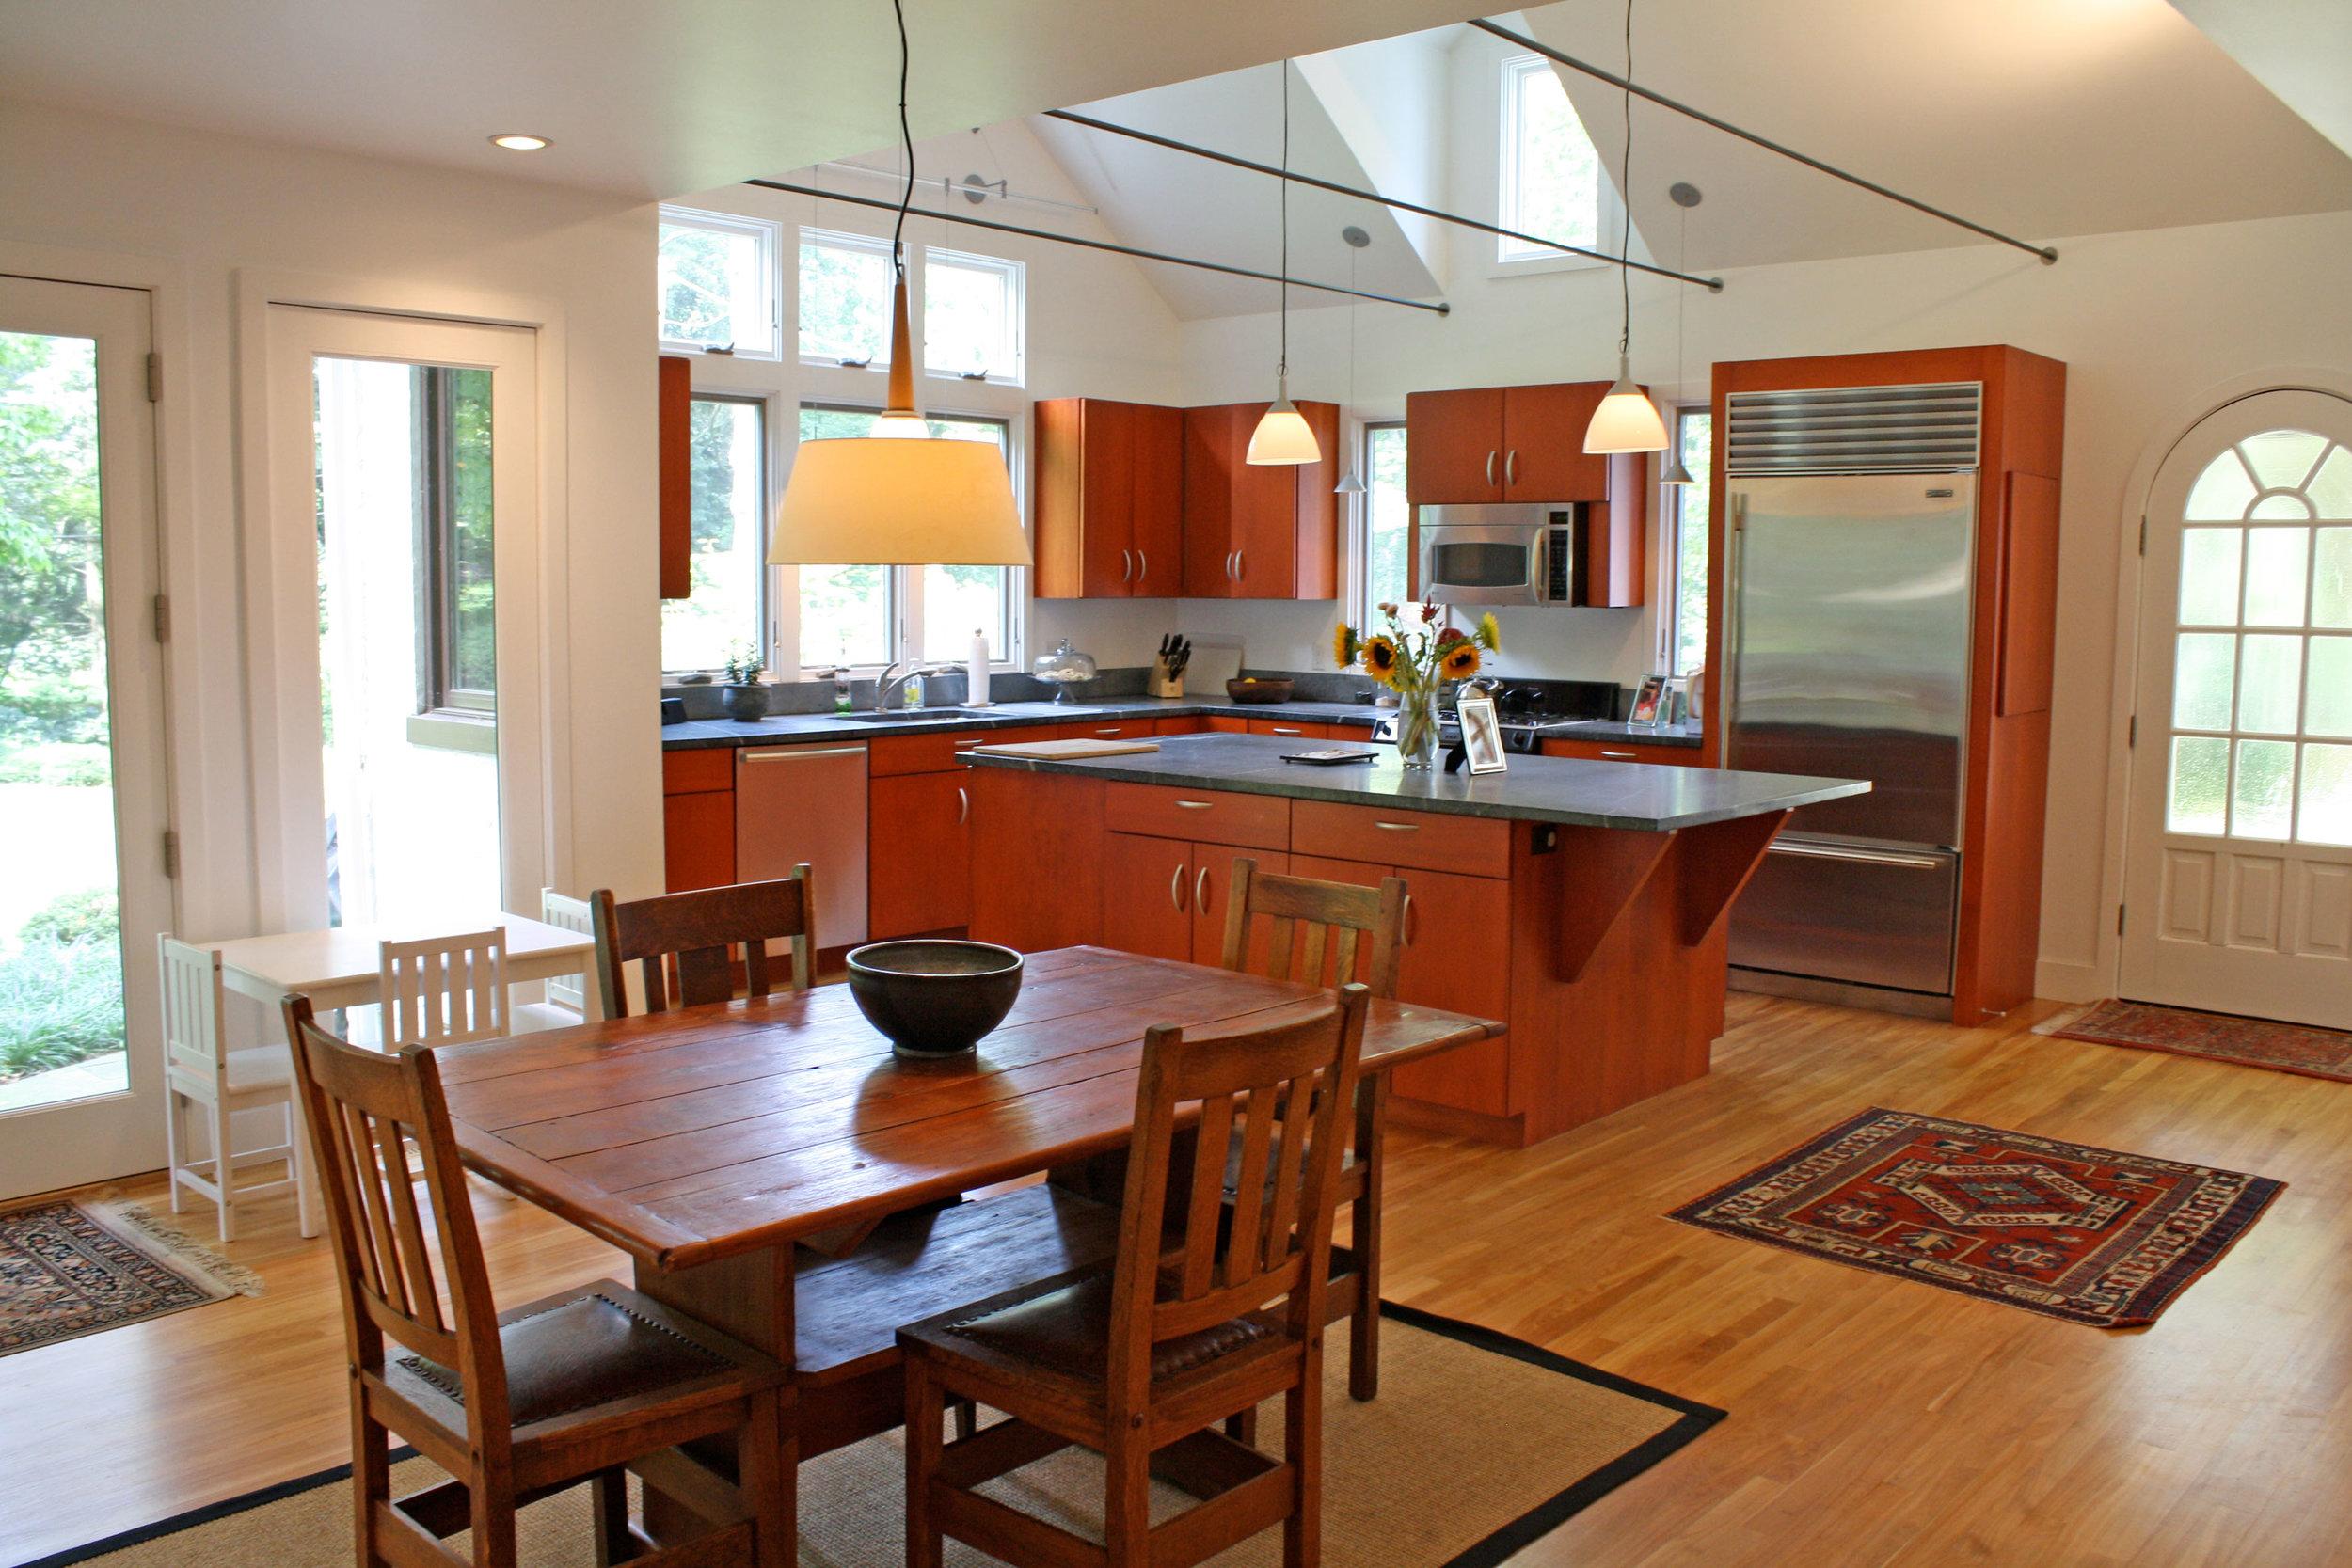 modern-kitchen-high-ceilings-full-view.jpg